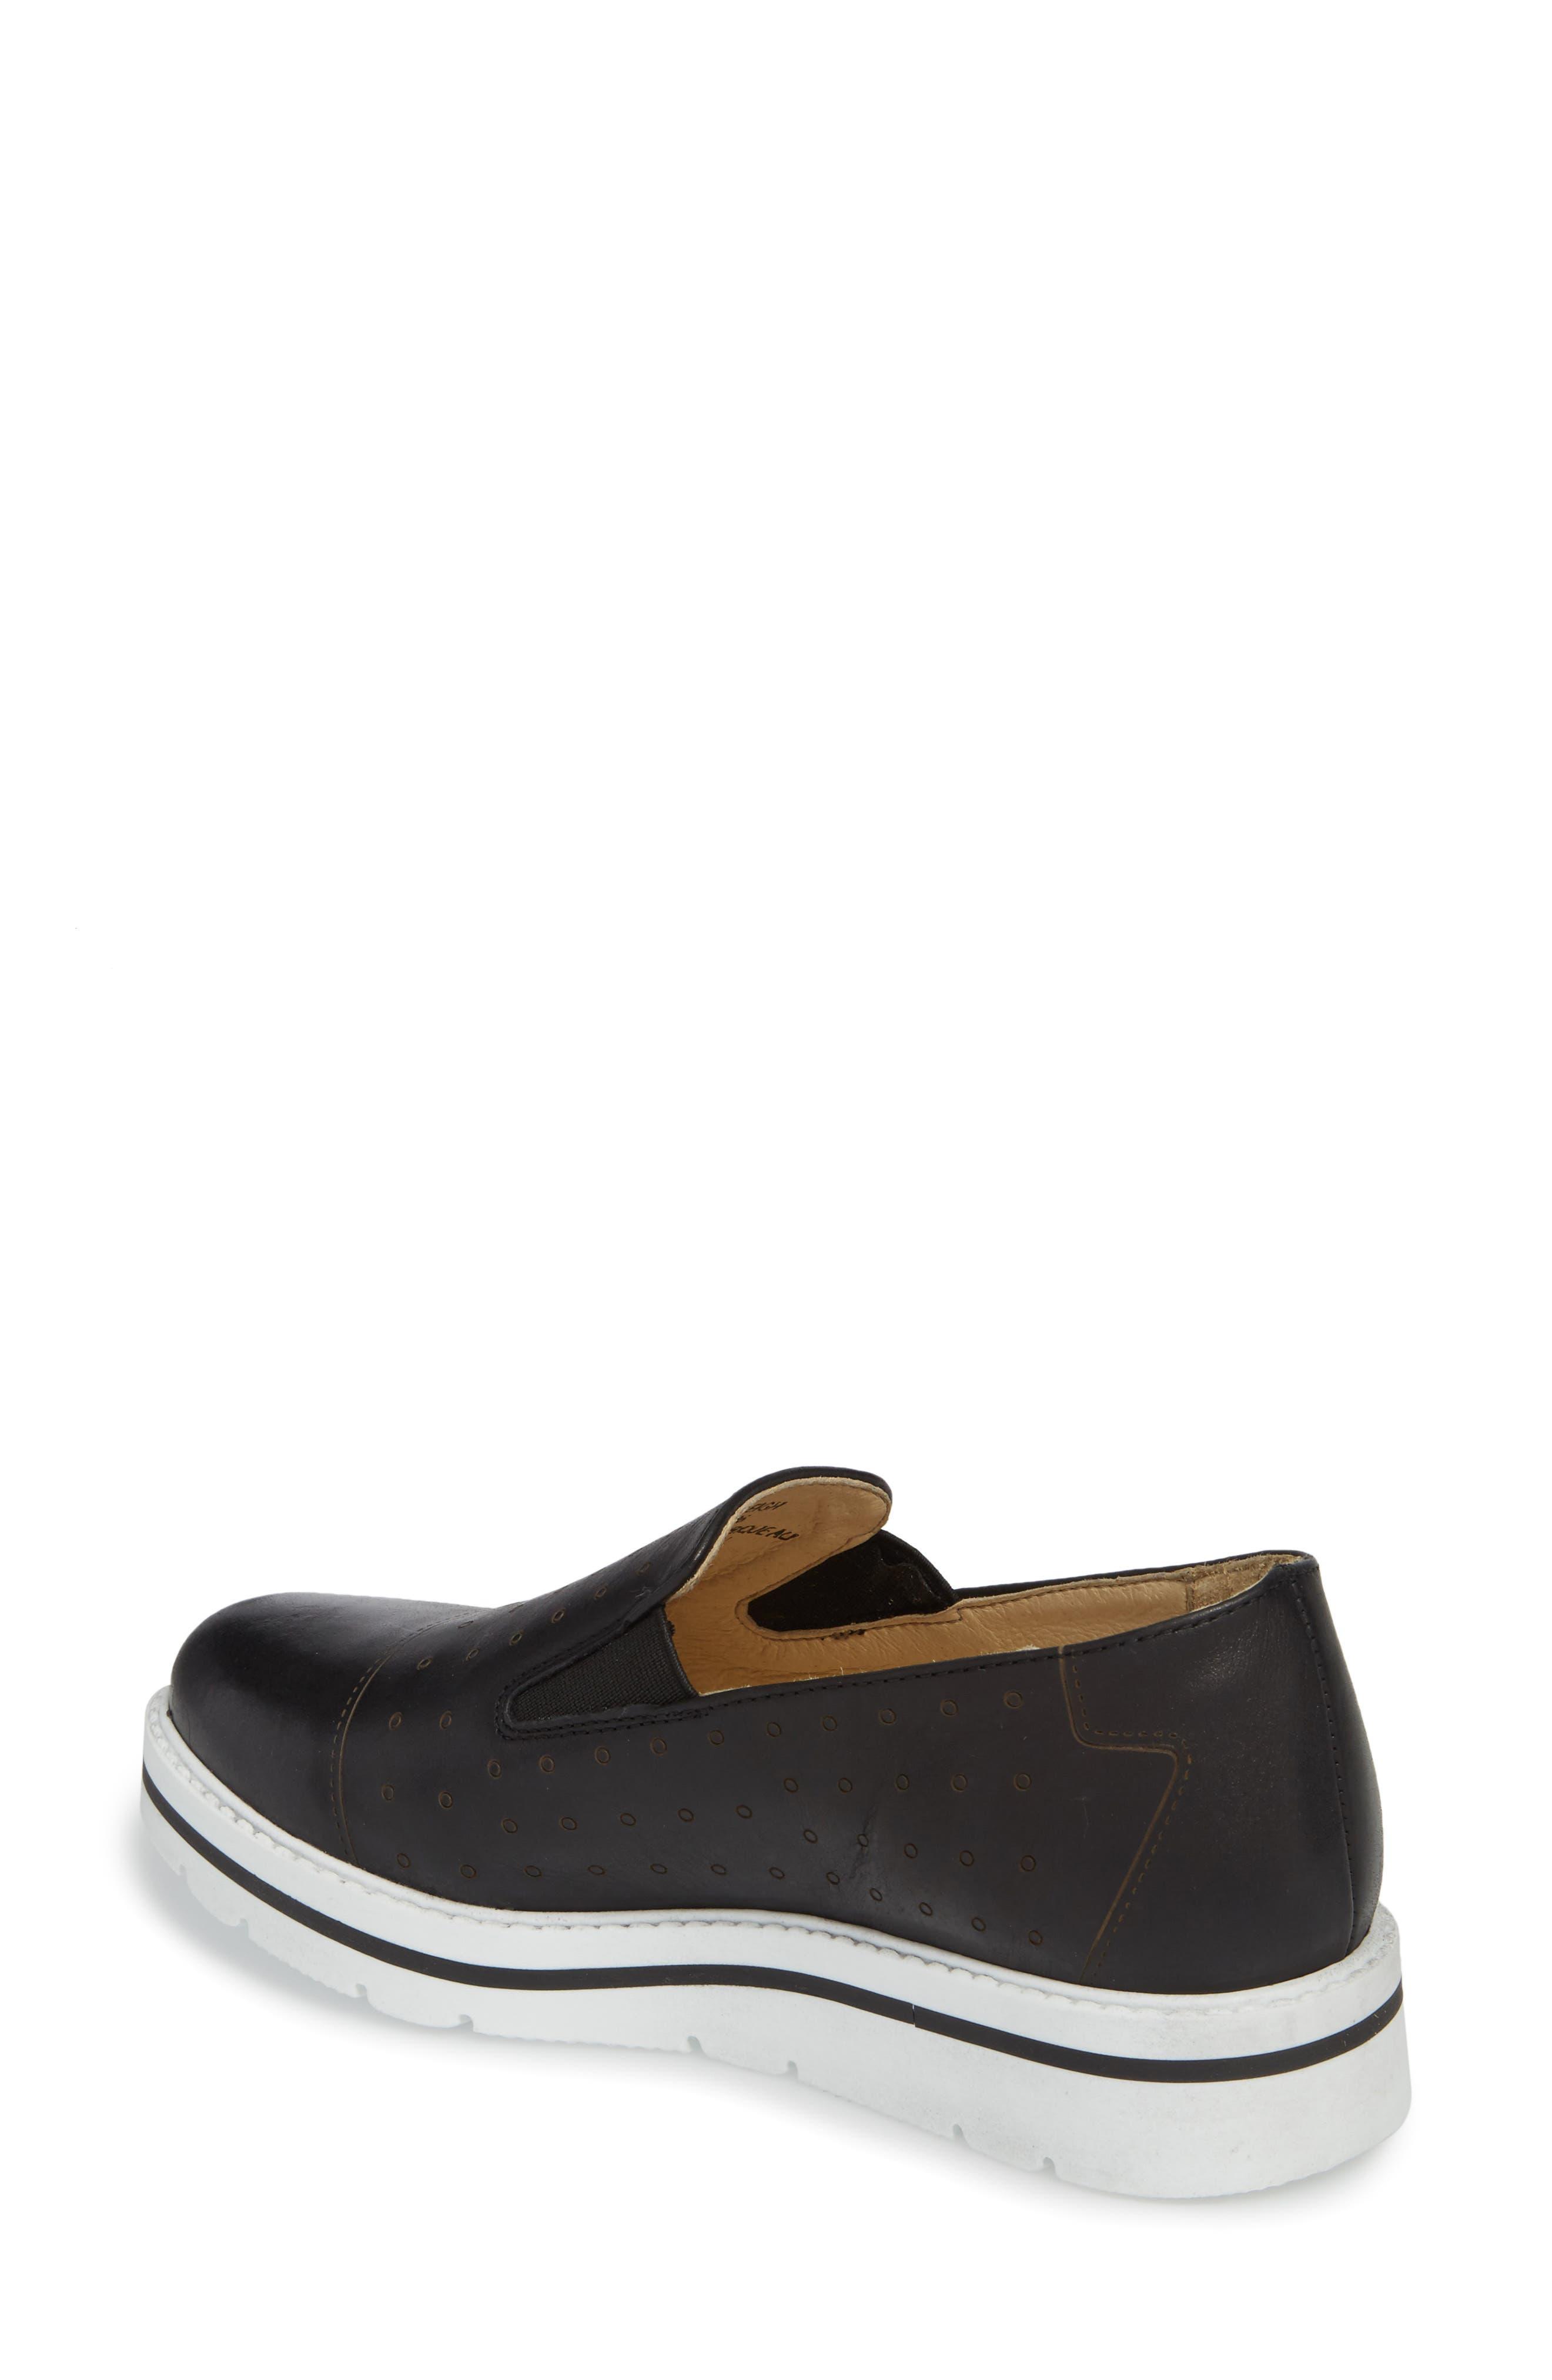 Leigh Slip-On Sneaker,                             Alternate thumbnail 2, color,                             BLACK GLAMOUR LEATHER